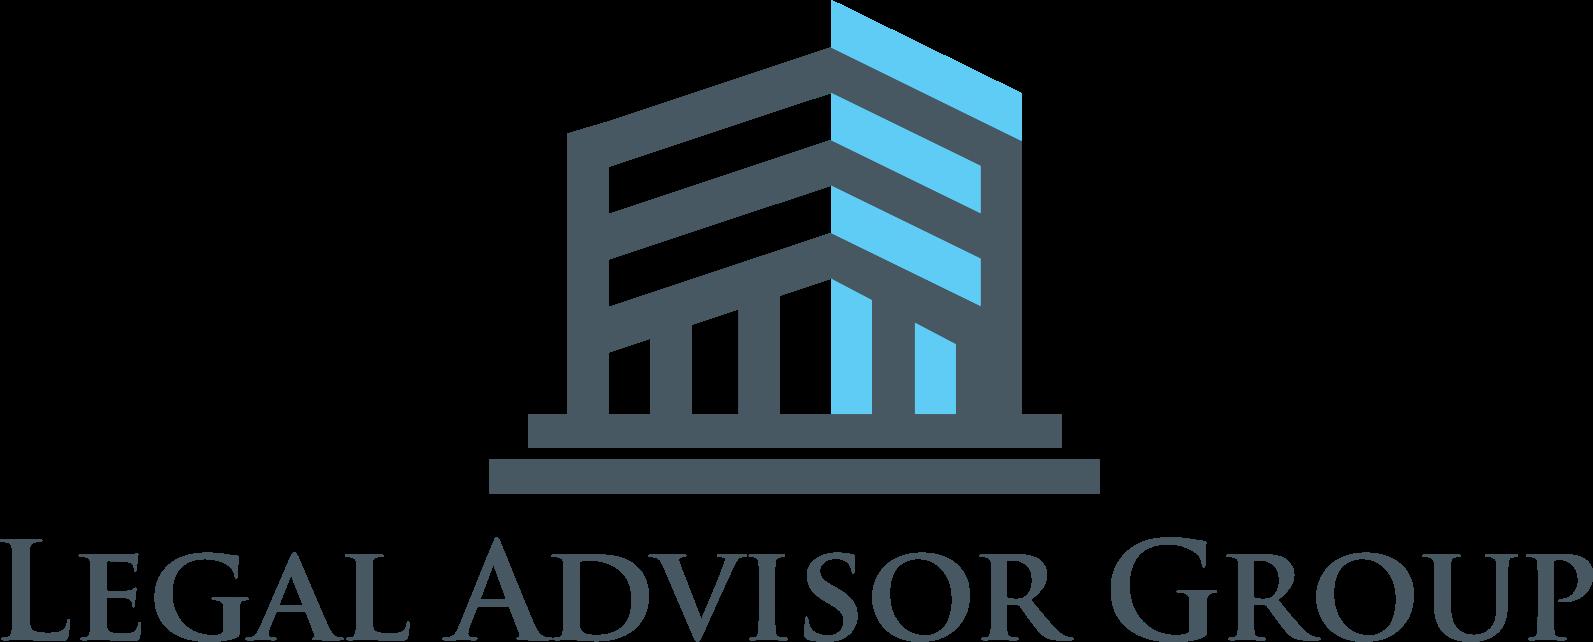 Legal Advisor Group